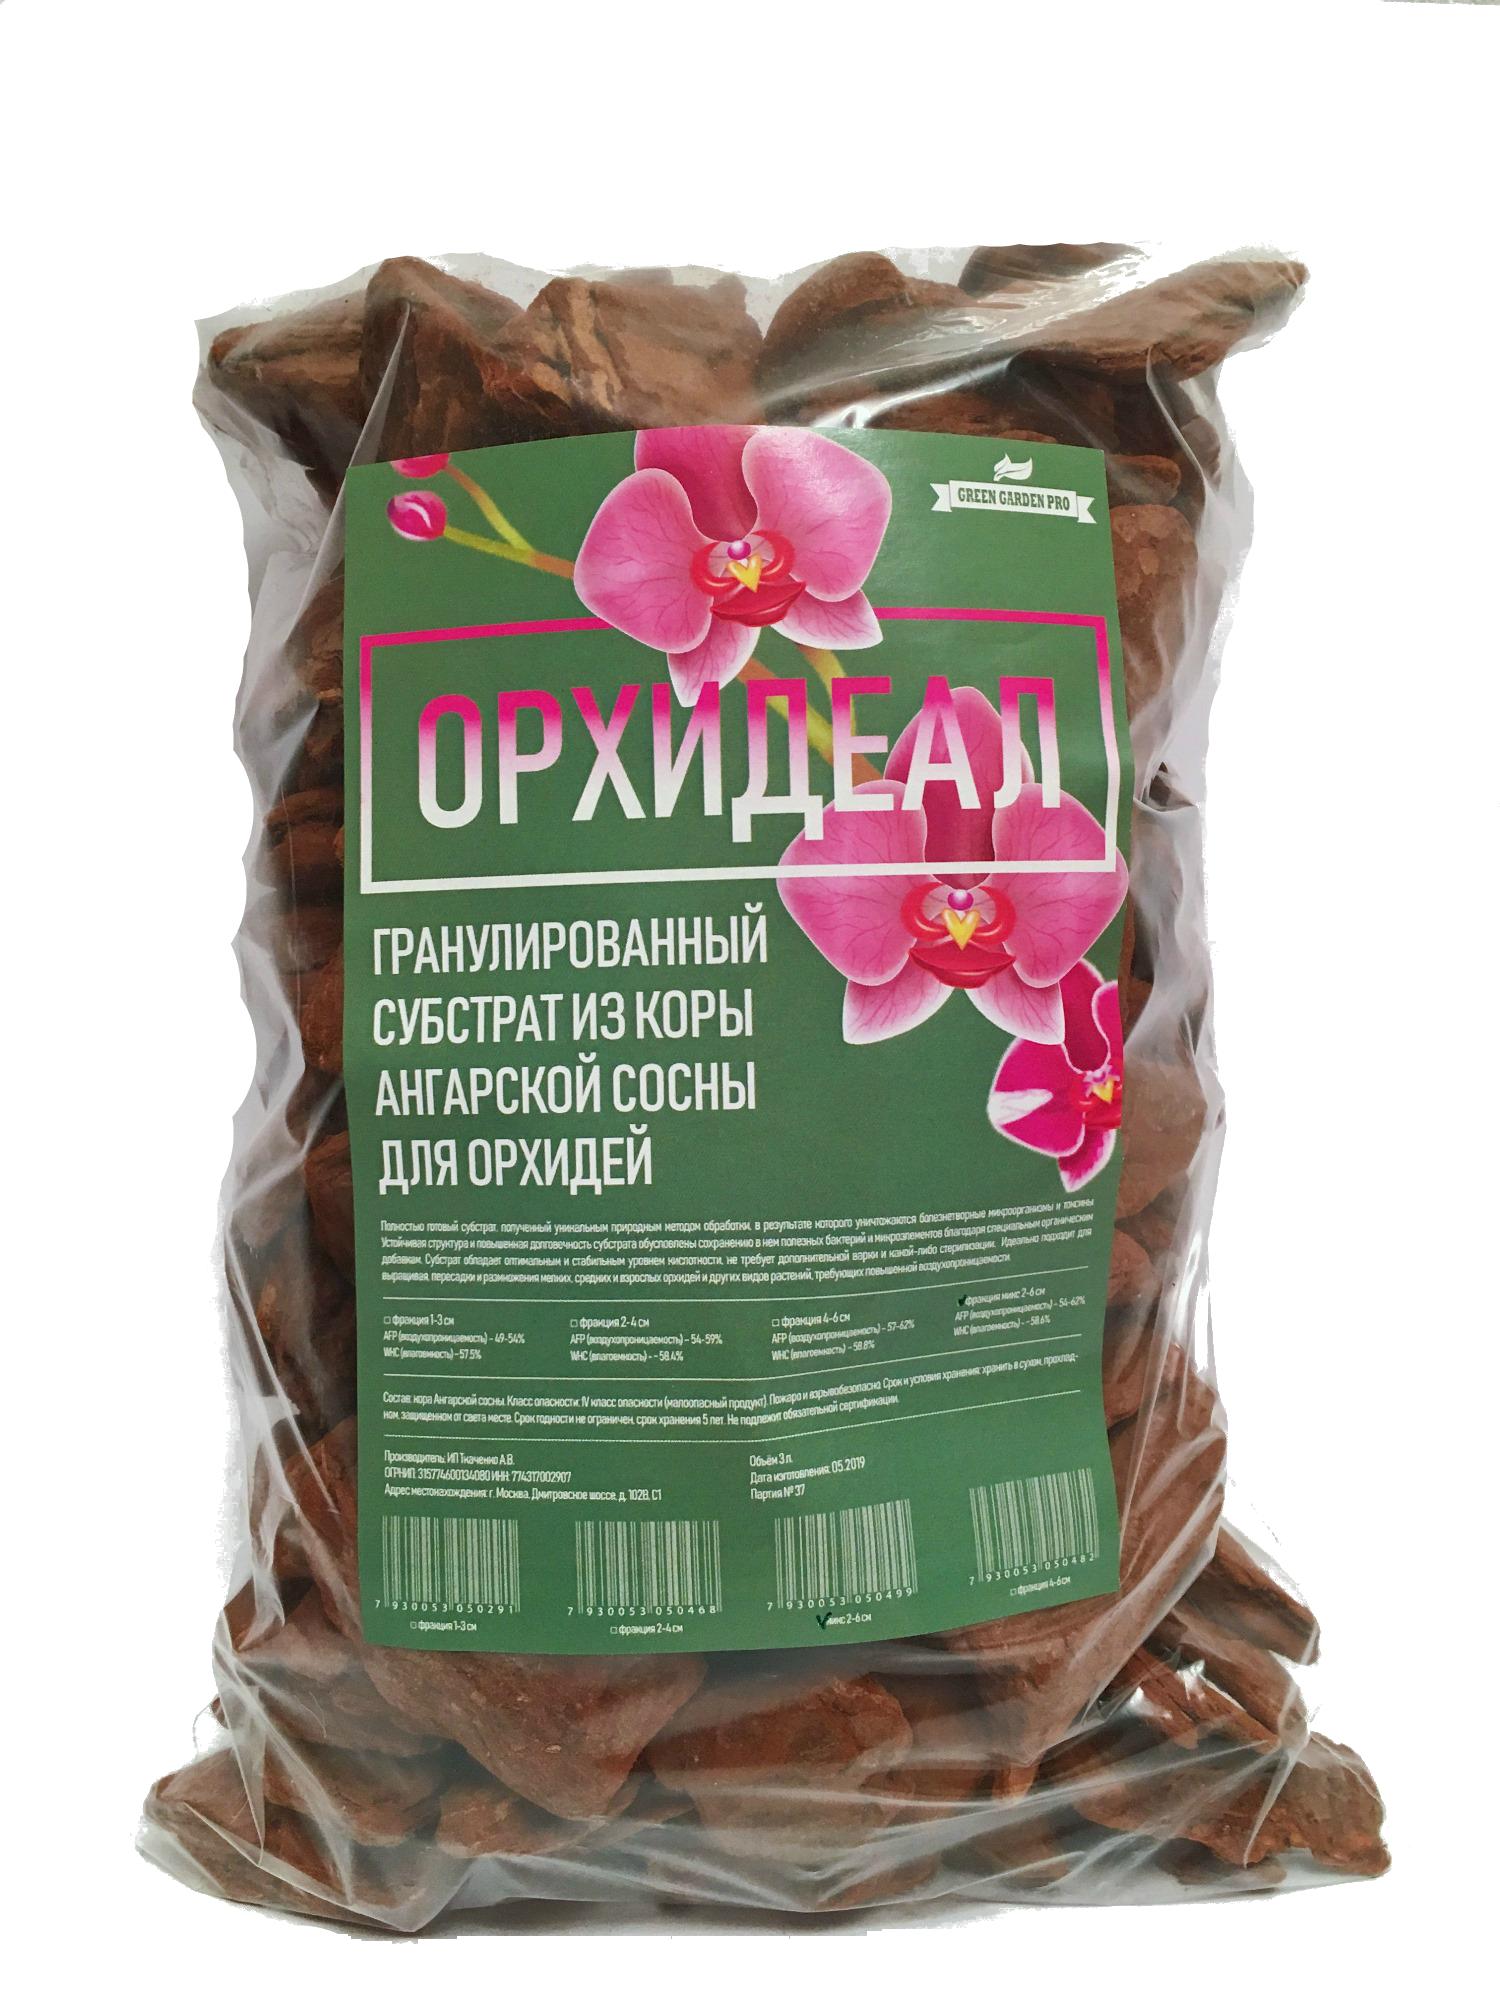 Гранулированный субстрат ОРХИДЕАЛ из коры Ангарской сосны для орхидей, фракция 2-6, 3л Green Garden Pro